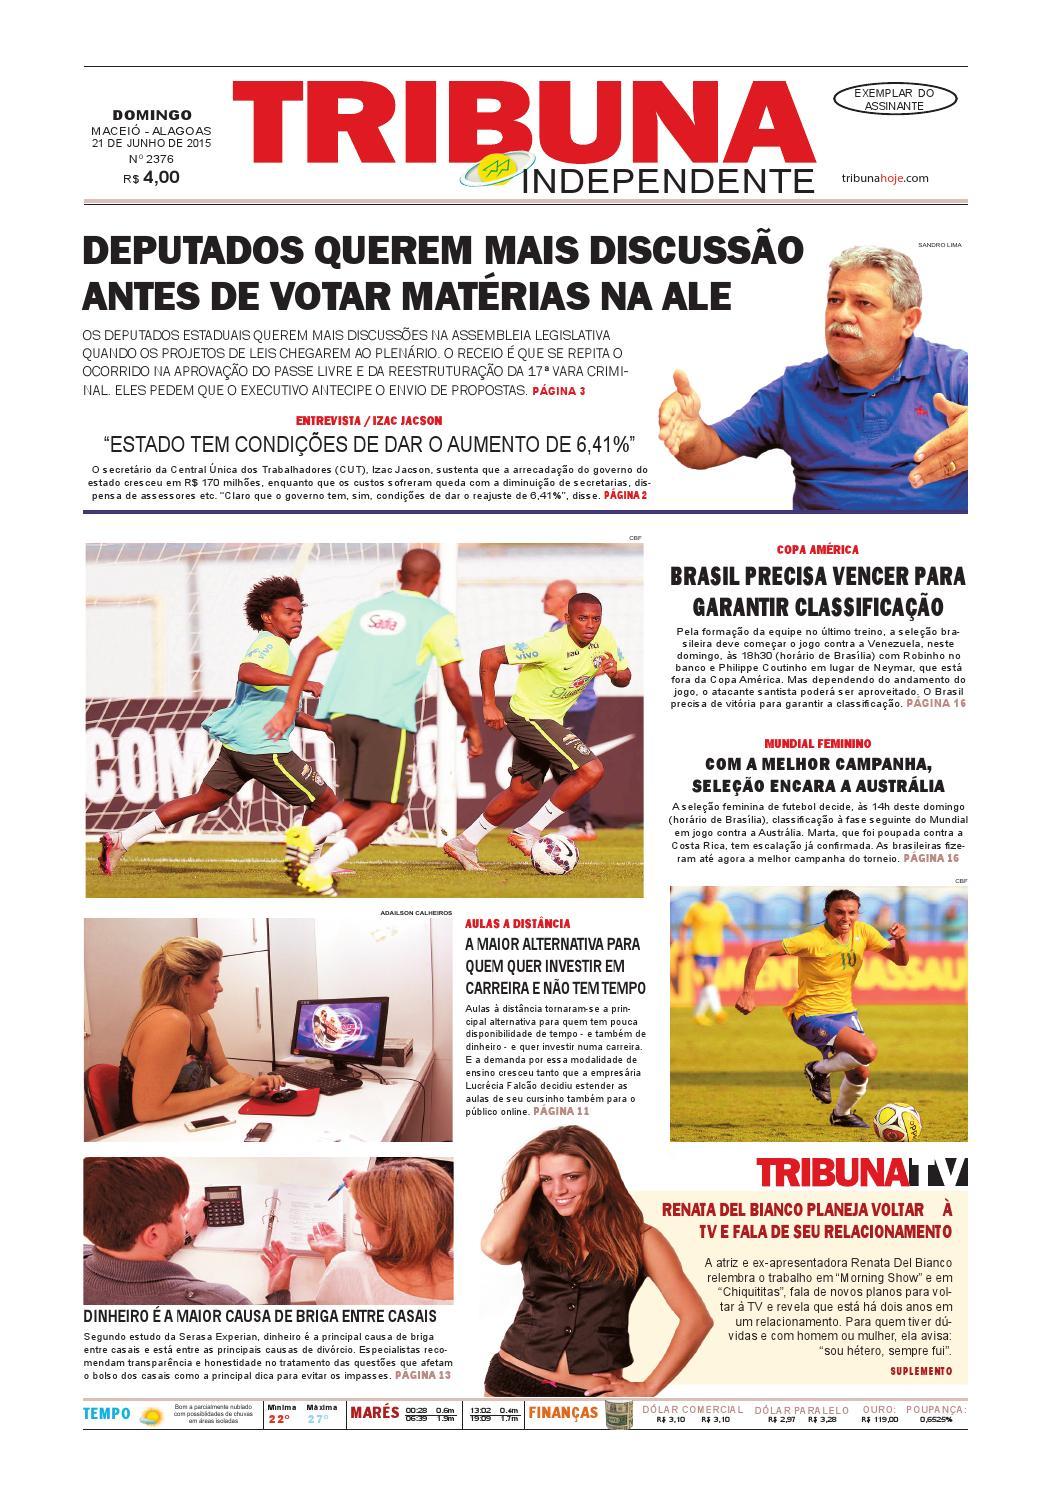 a93ac2f735 Edição número 2376 - 21 de junho de 2015 by Tribuna Hoje - issuu